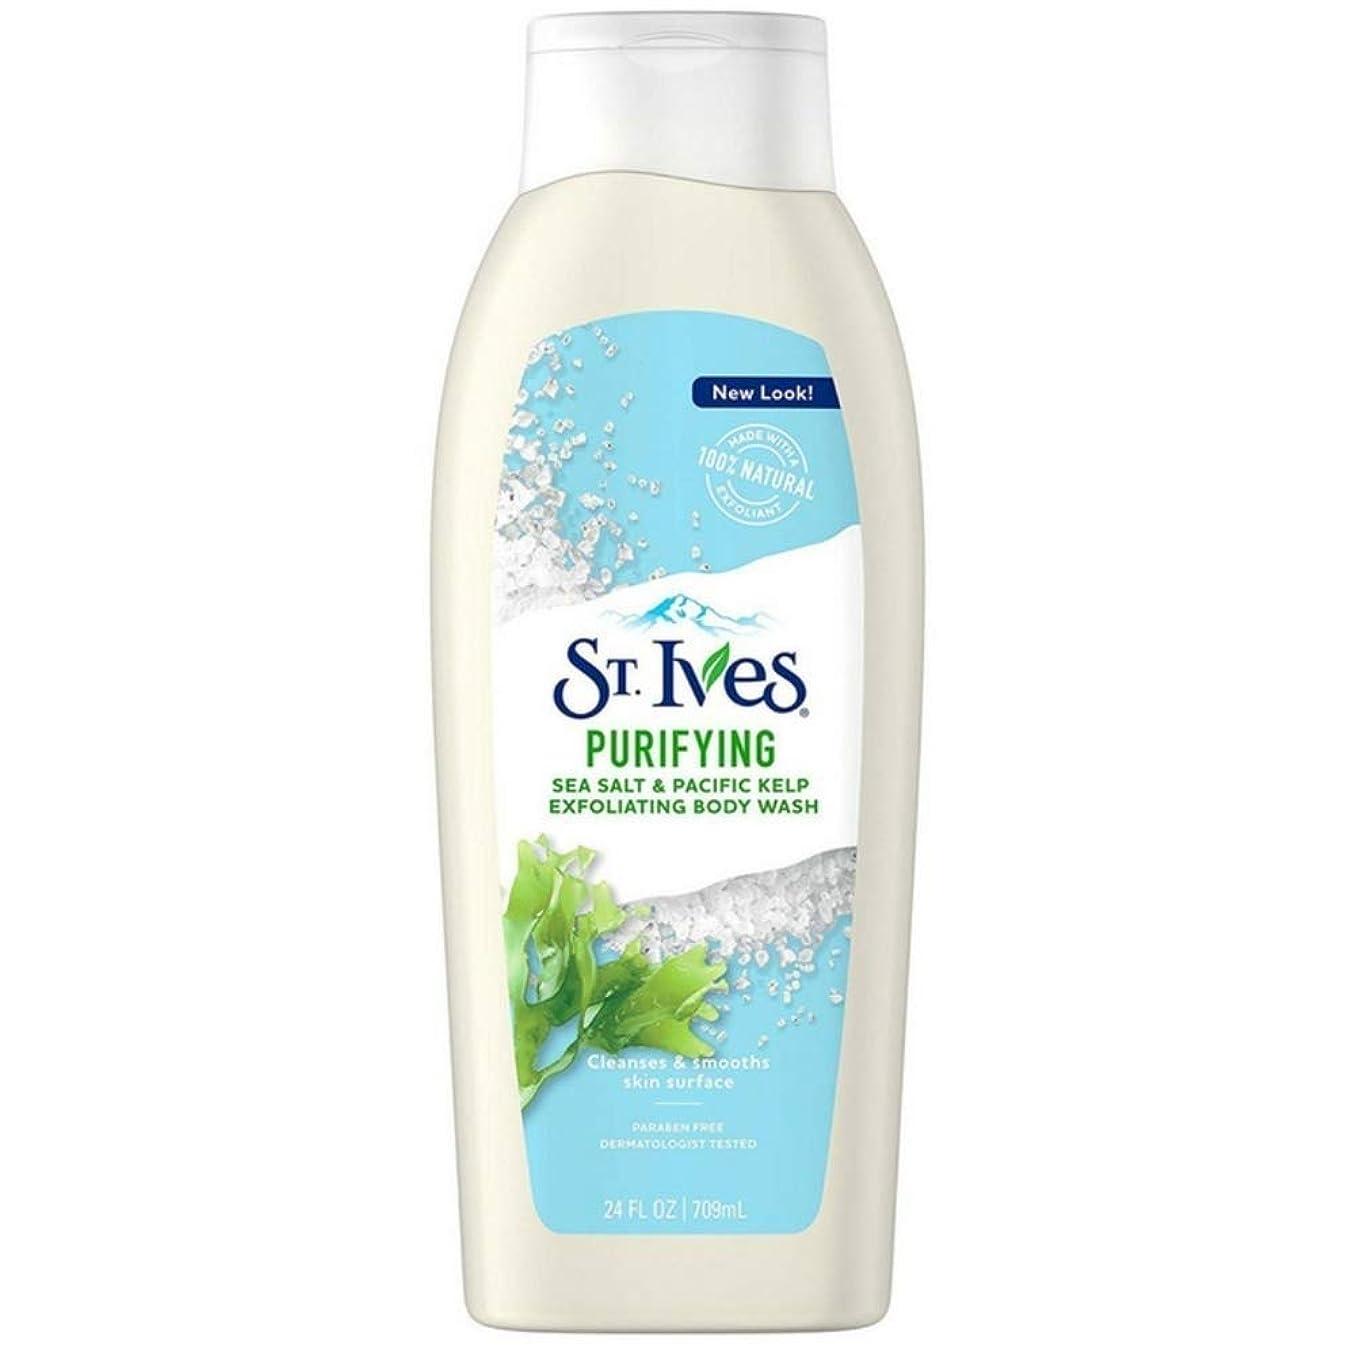 アスレチック飲み込むシャワーSt. Ives セント?アイヴスボディウォッシュ24オンスPurifyの海塩太平洋昆布(709Ml)(3パック)